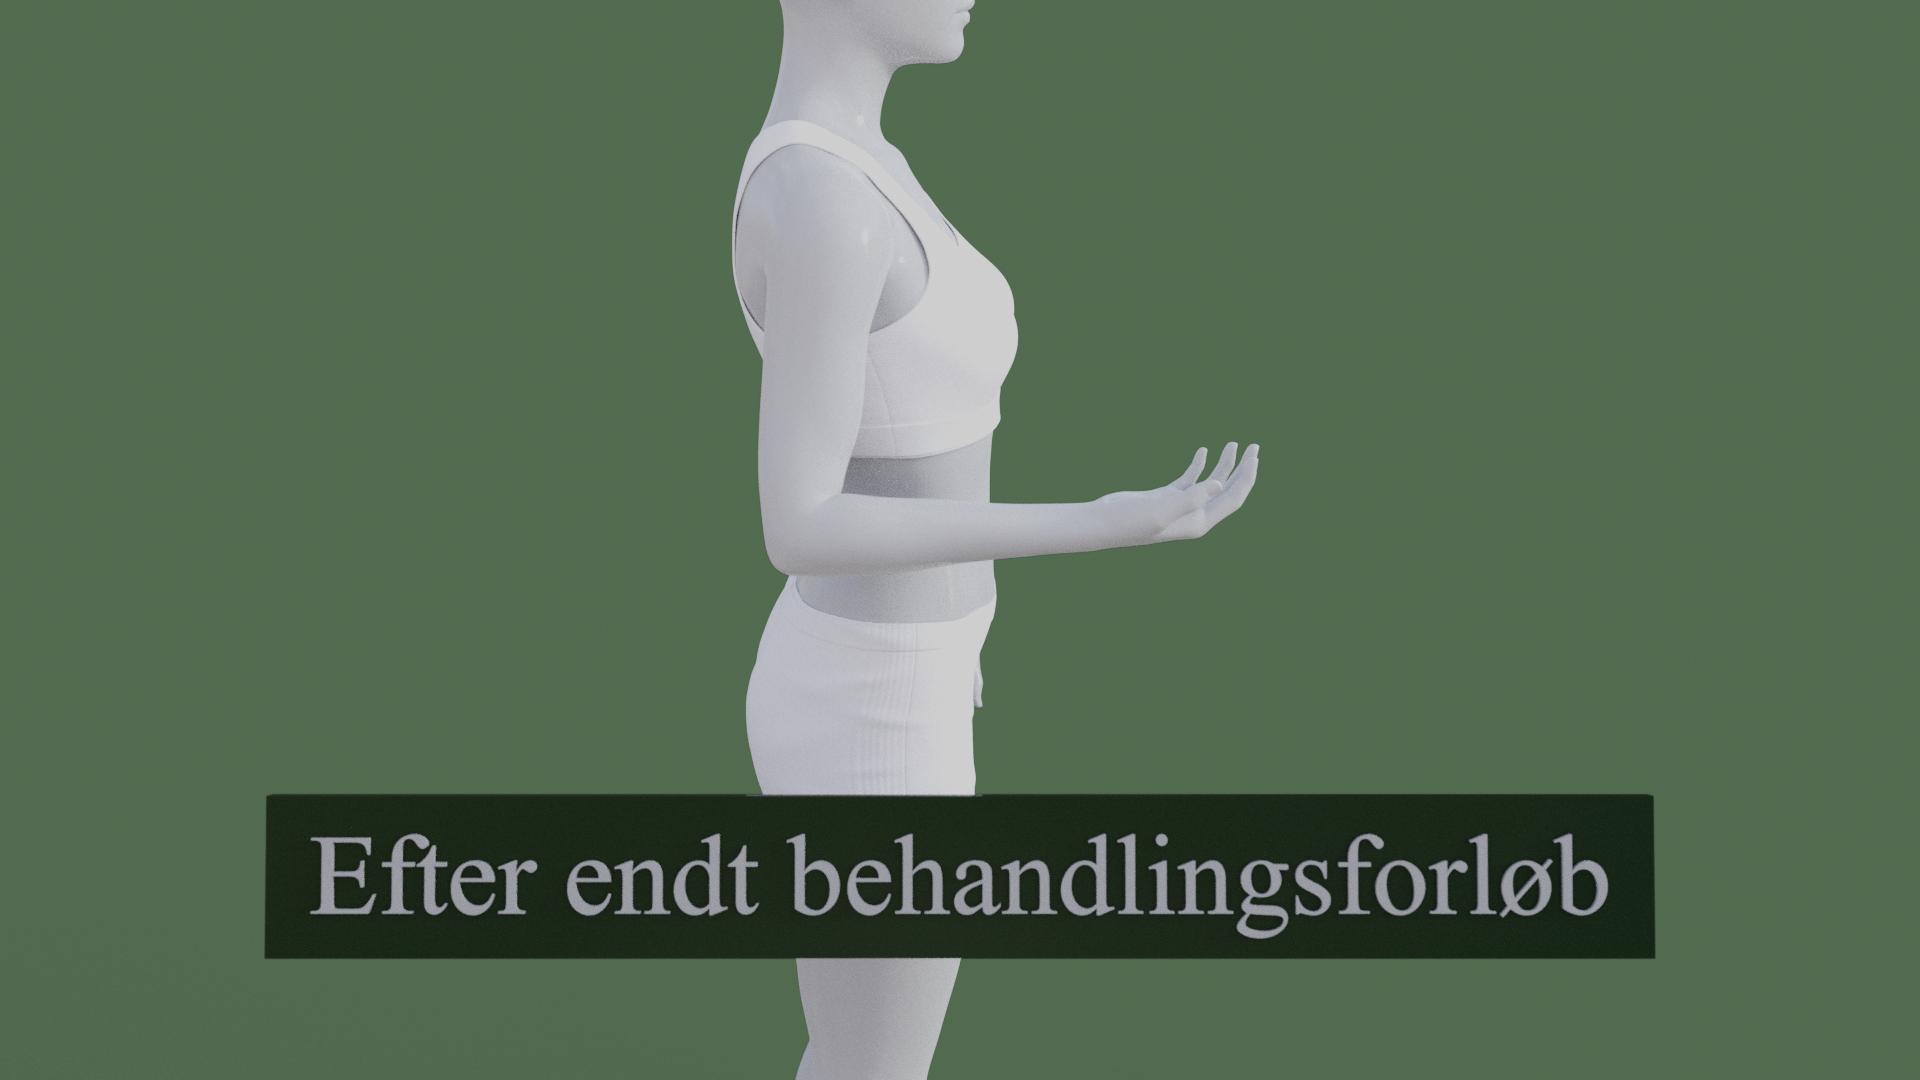 Billedet viser den samme 3D figur, men uden den røde farve på underarmen. 3D figuren er helbredt.